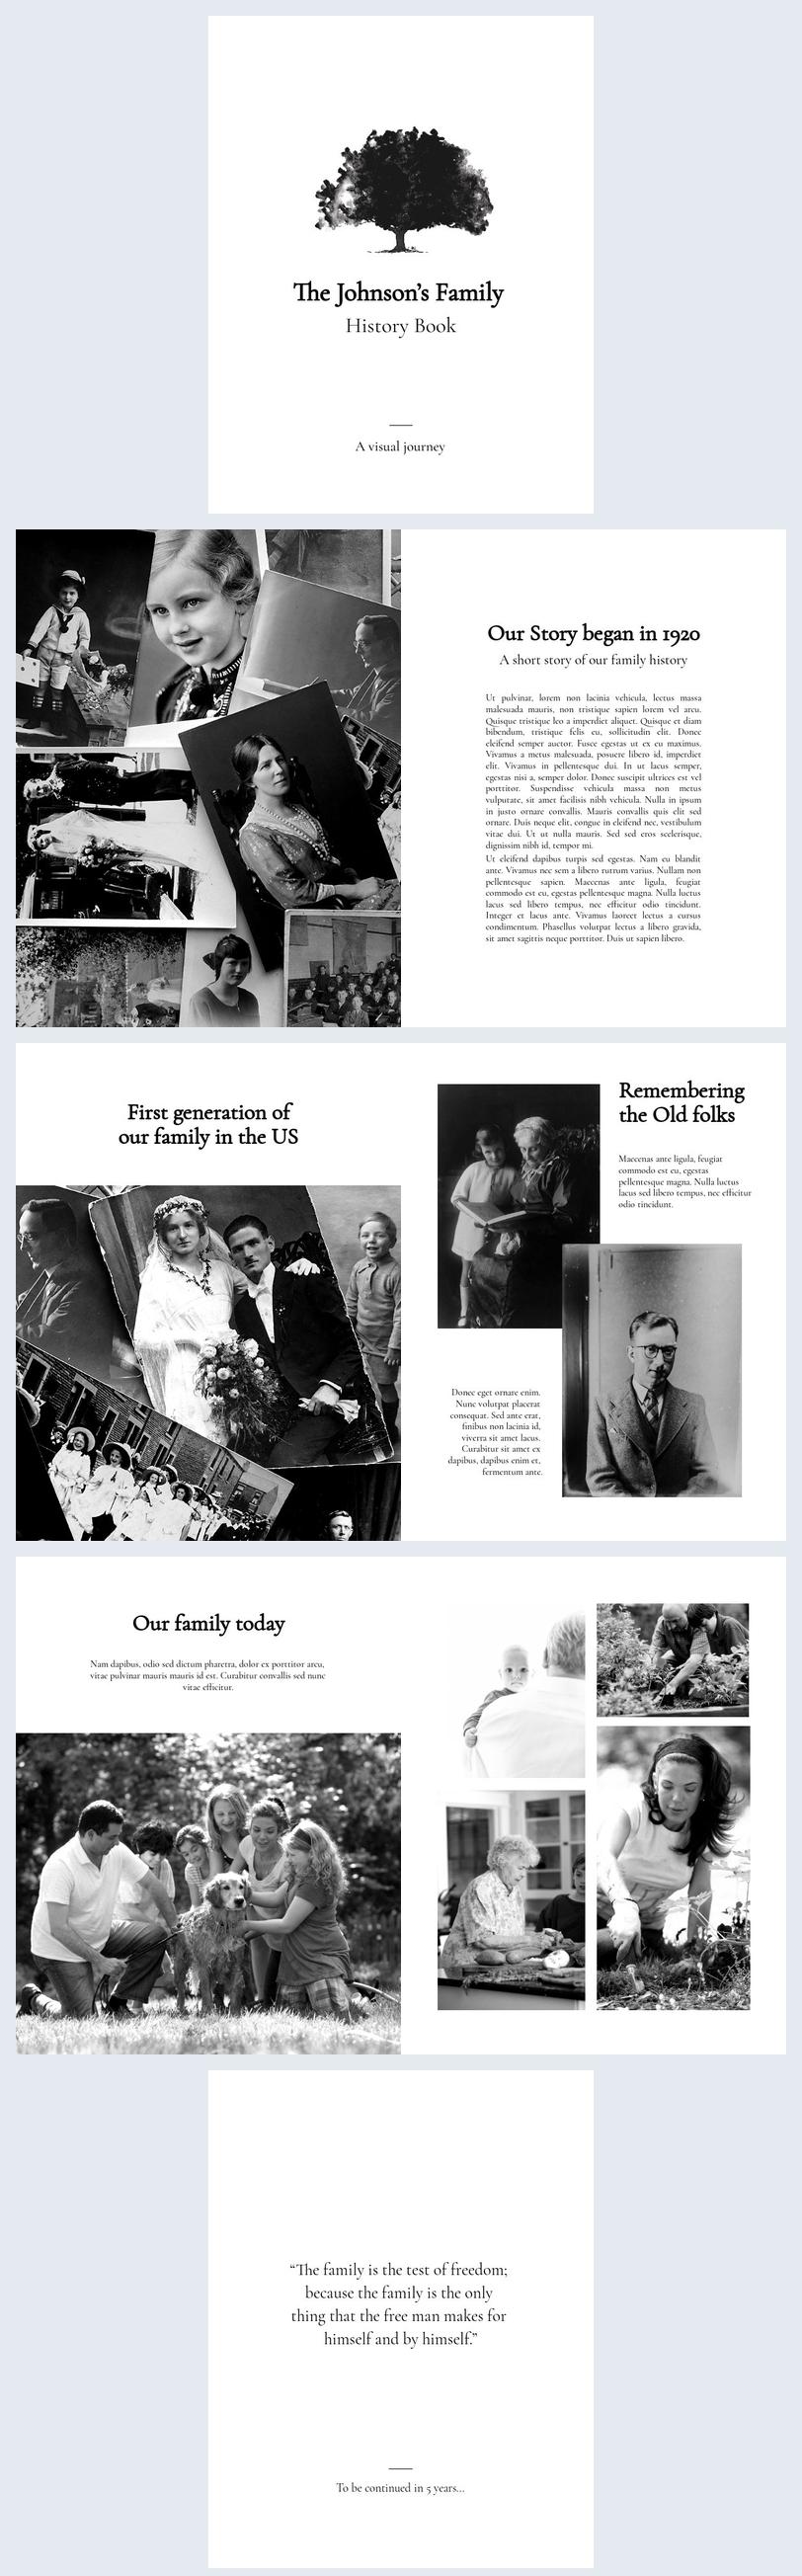 Ejemplo de diseño para álbum de historia familiar